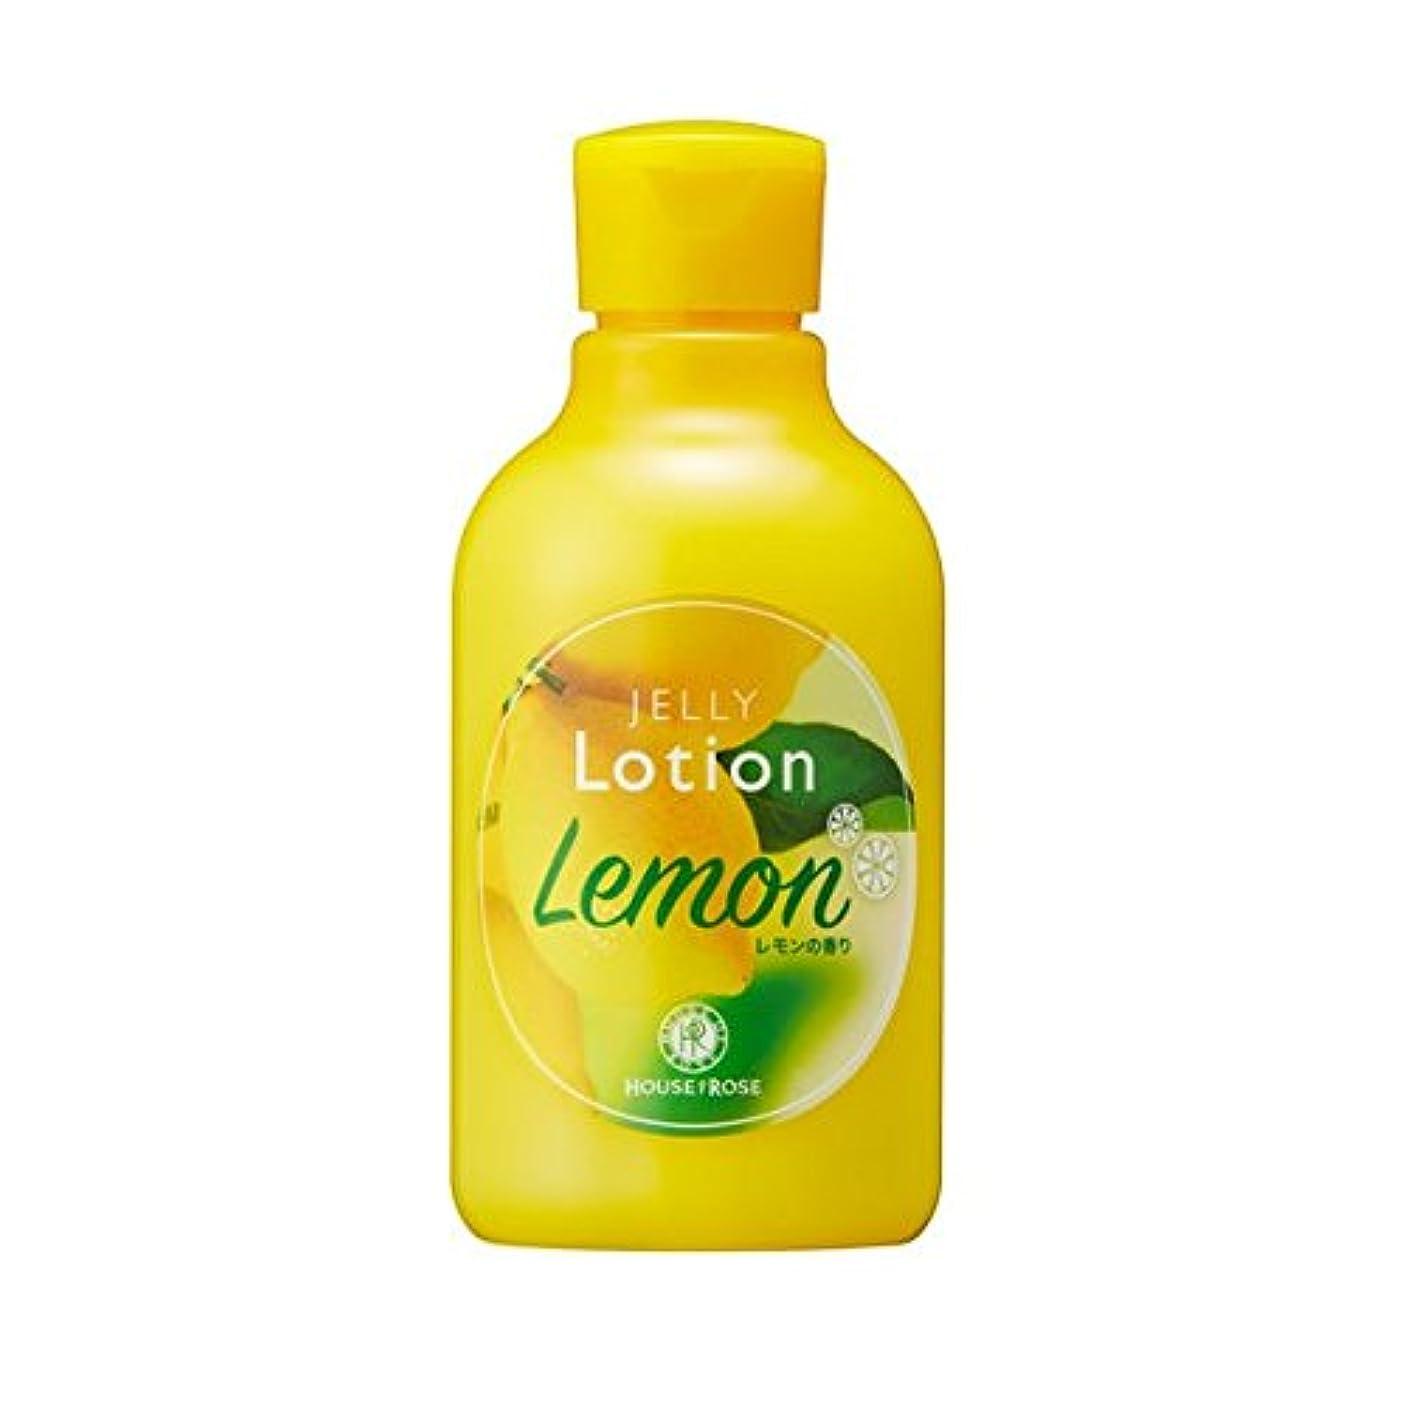 シャー不毛のキノコHOUSE OF ROSE(ハウスオブローゼ) ハウスオブローゼ/ジェリーローション LM(レモンの香り)200mL